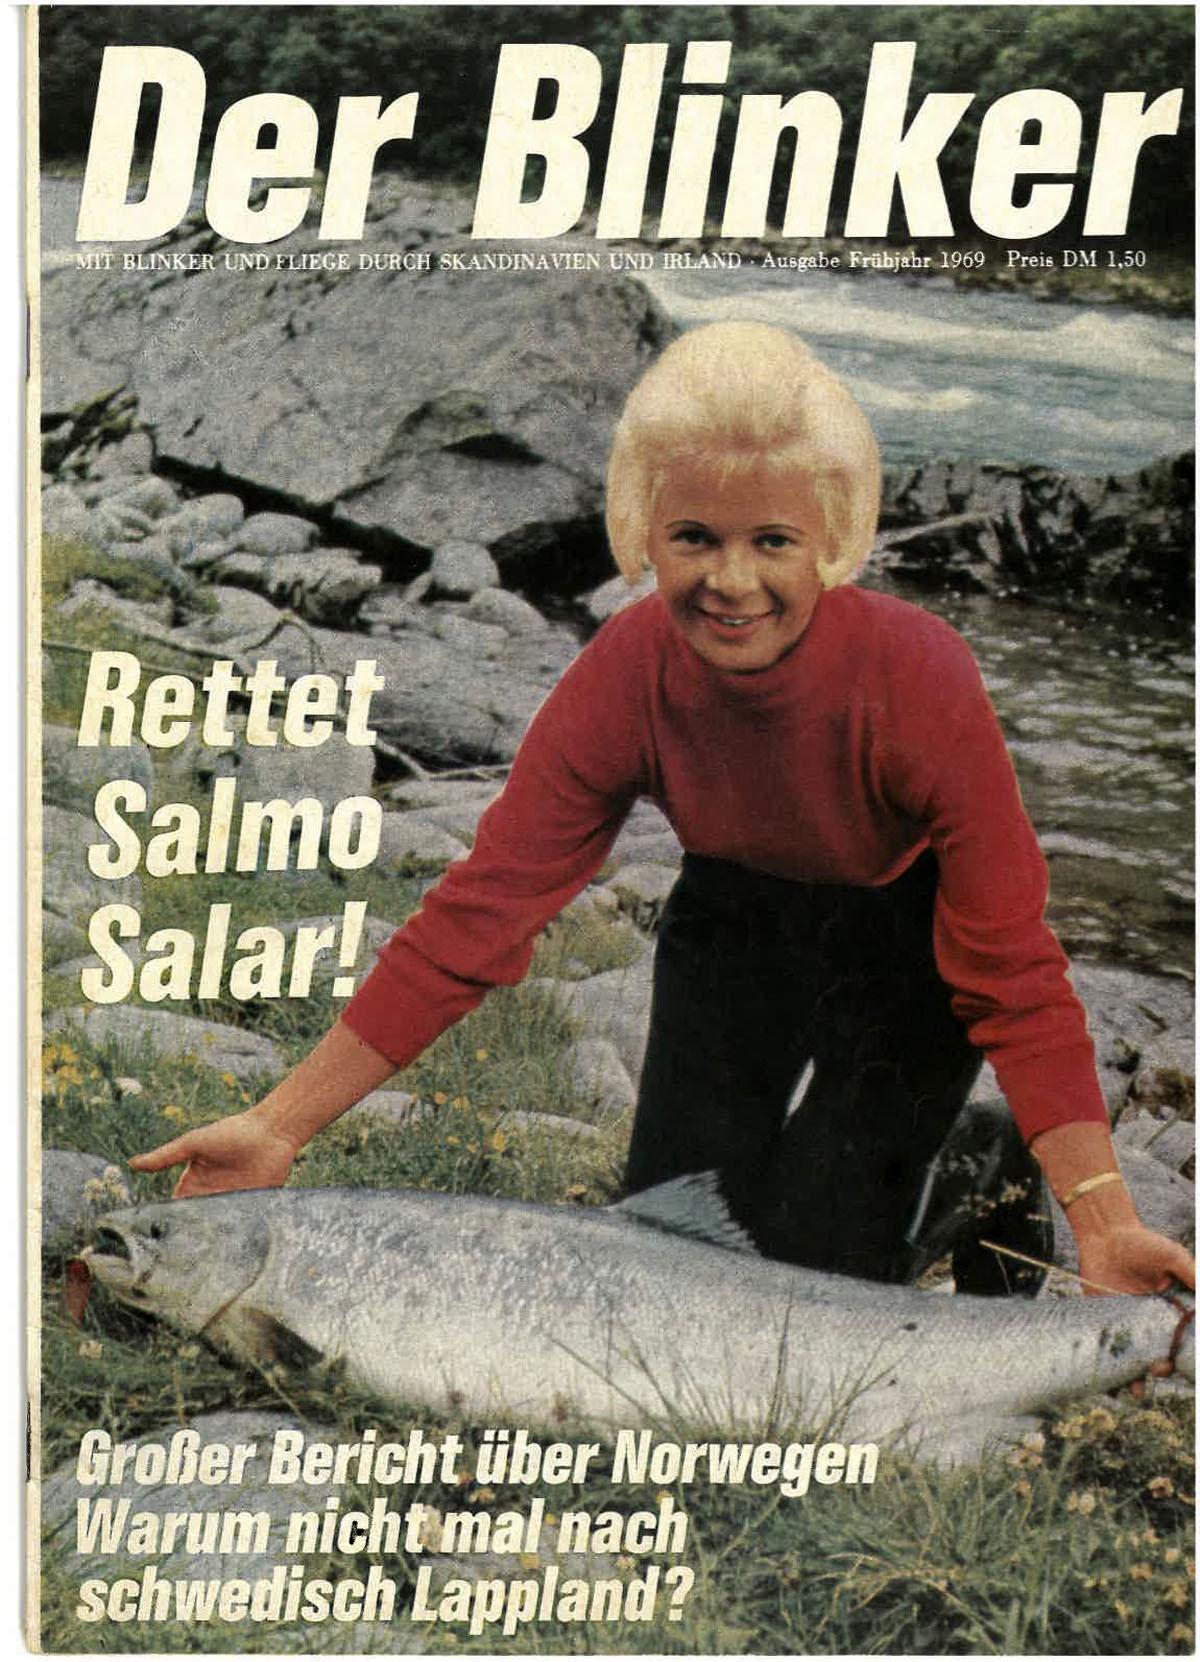 Lachsangeln in Skandinavien – schon auf dem Titelbild der ersten BLINKER-Ausgabe zeigt sich, worum es im neuen Magazin gehen soll. Bild: BLINKER